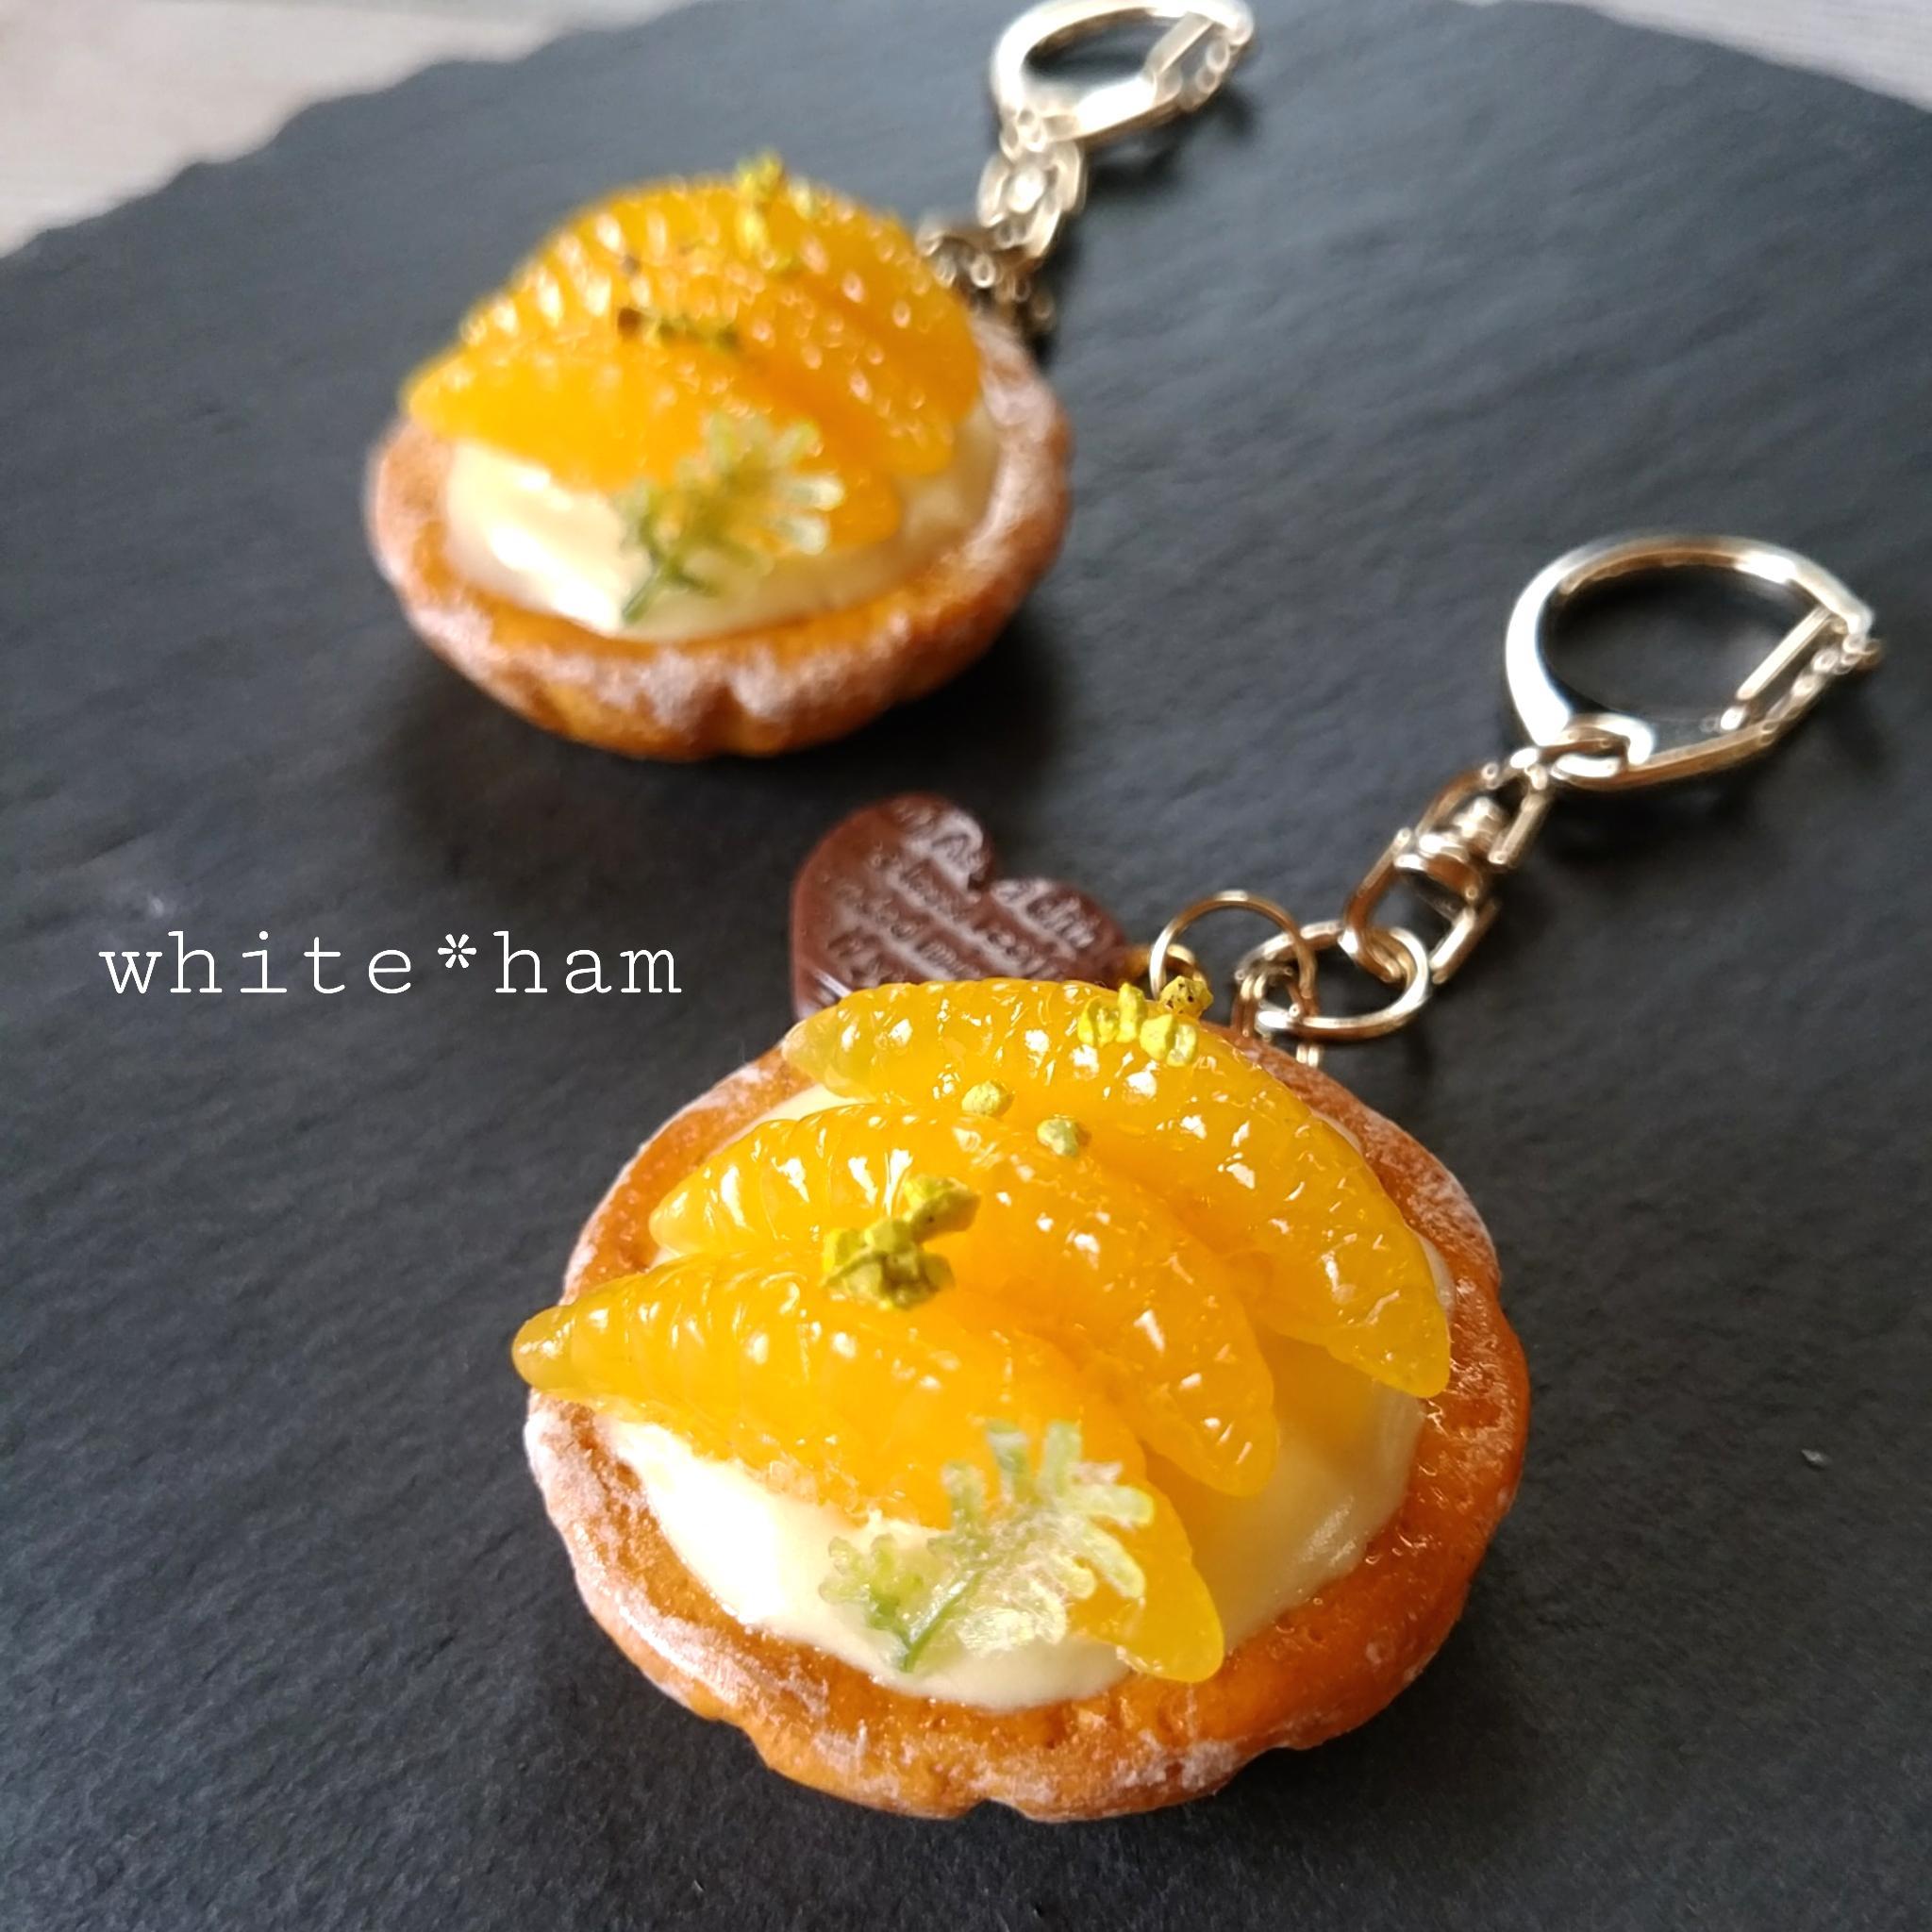 white*ham